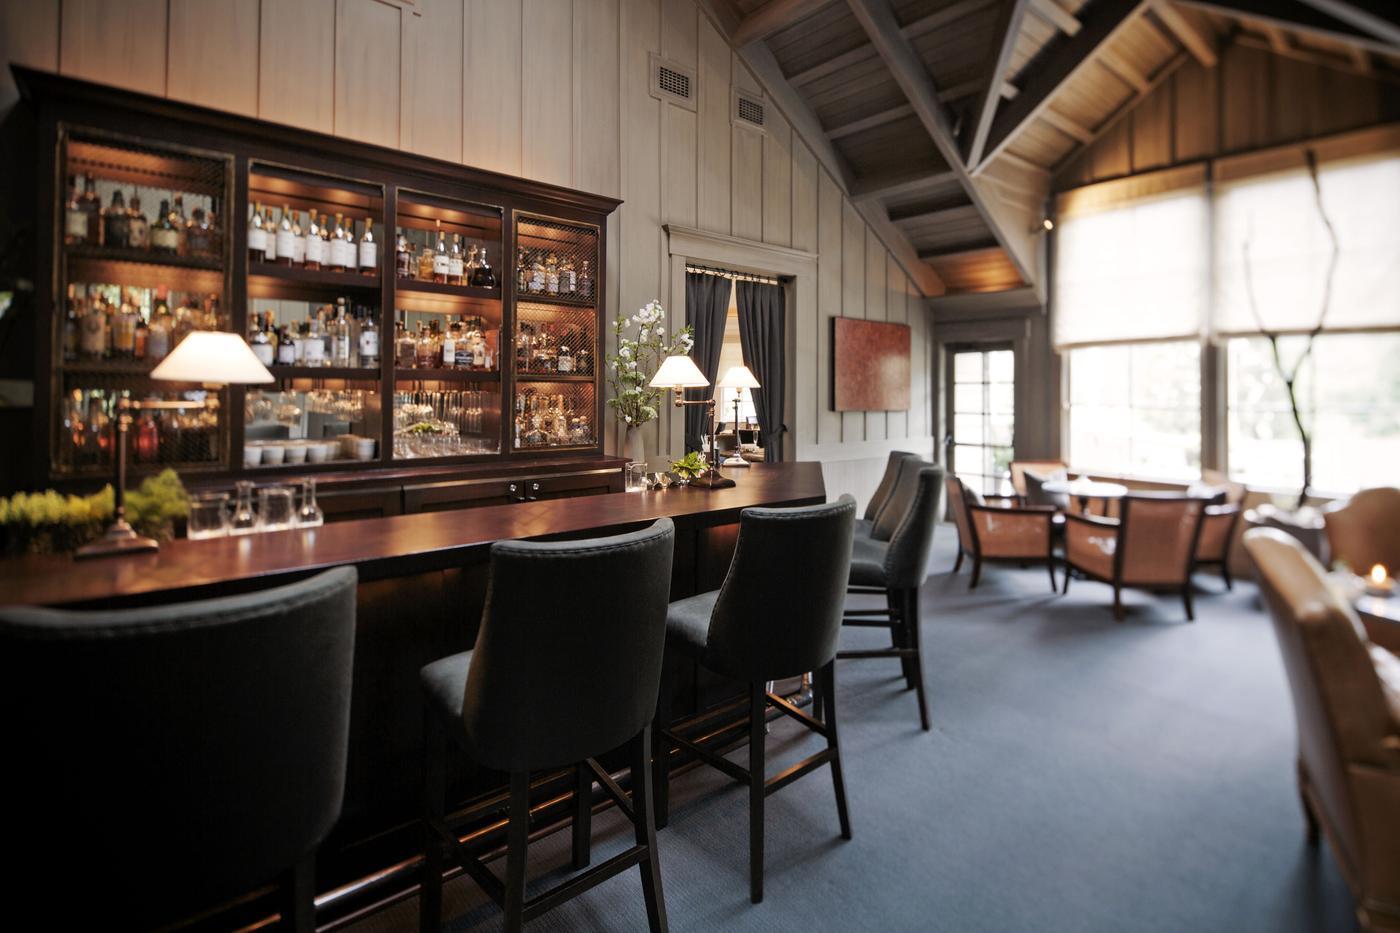 The Dining Room Nosh Restaurant And Bar Casa Trs Chic Revista De Fim